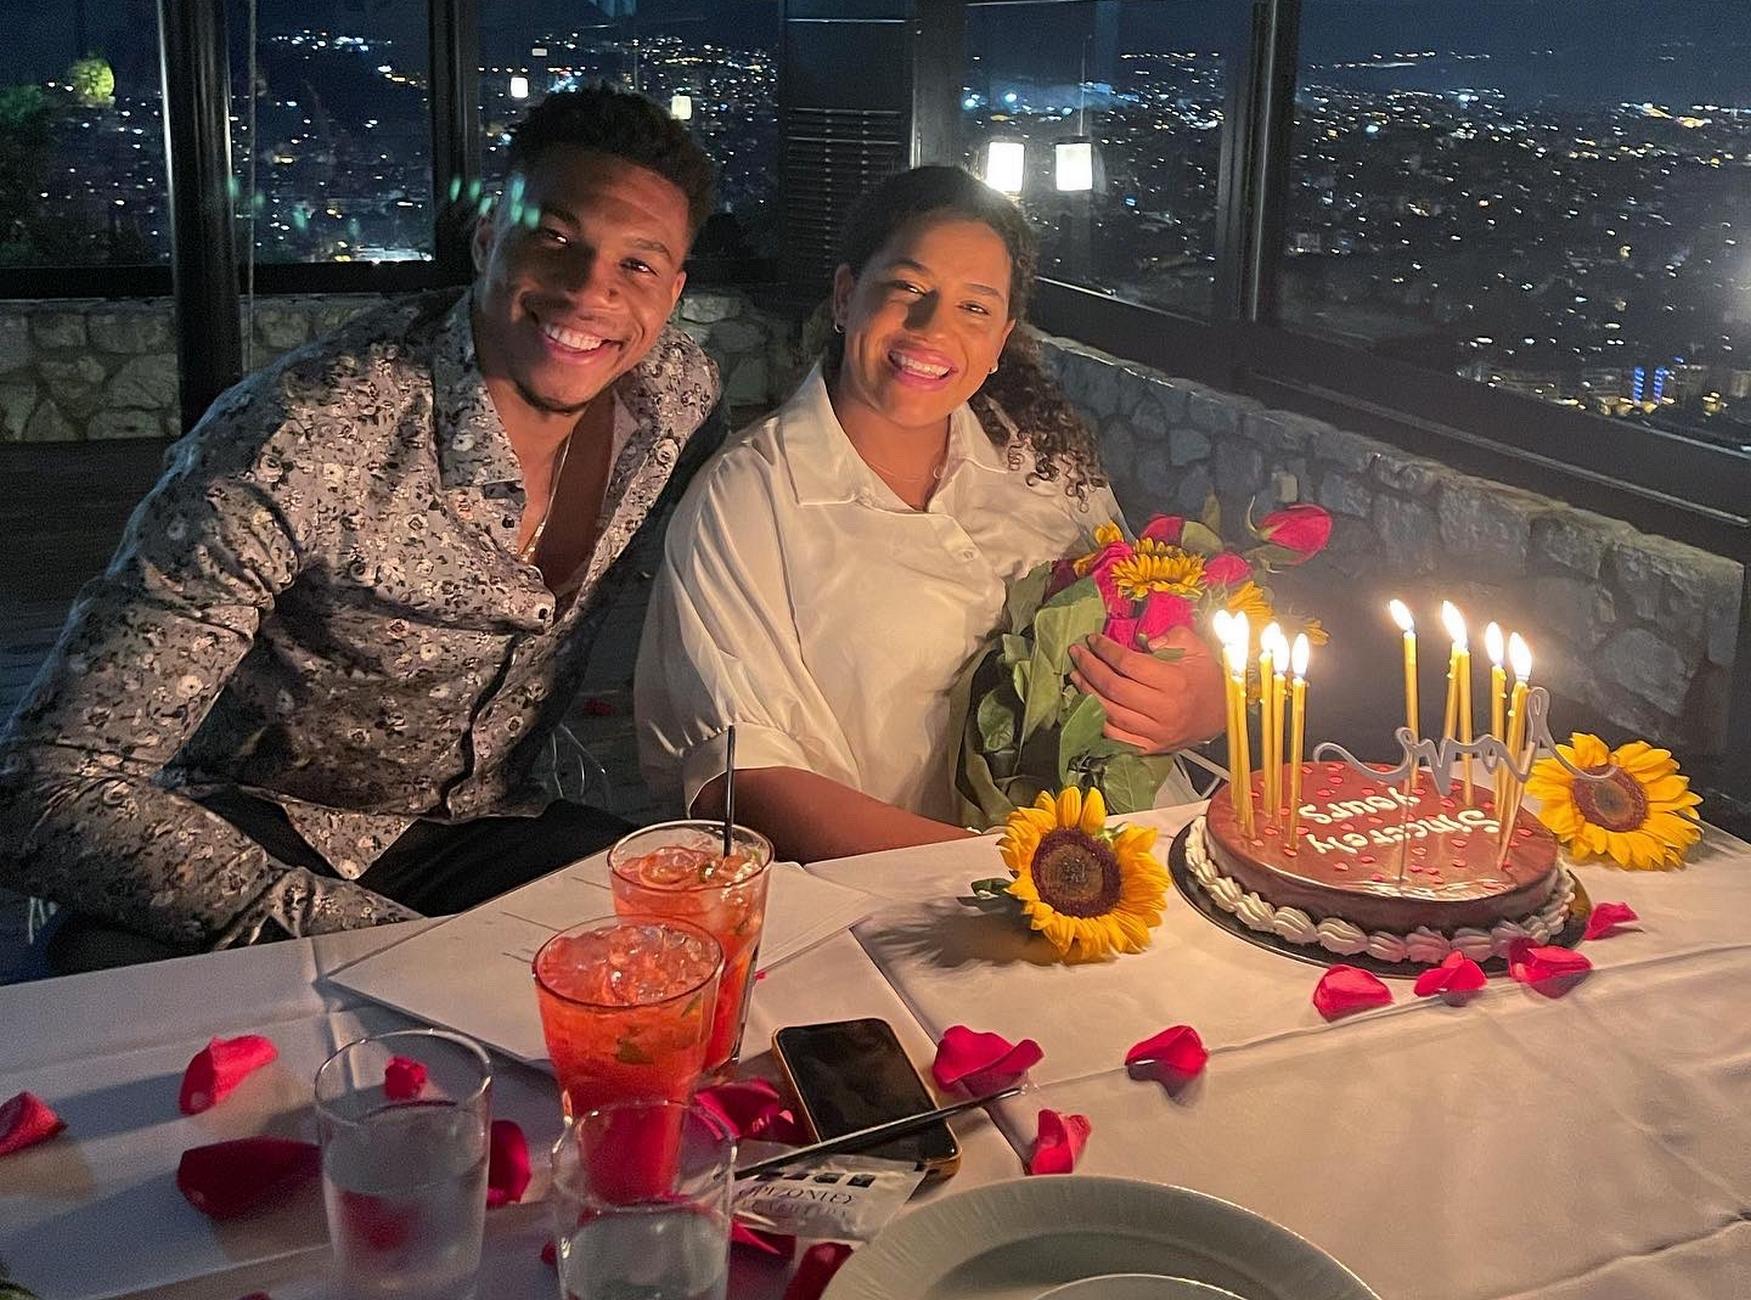 Ο Γιάννης Αντετοκούνμπο ανέβασε φωτογραφίες με την Μαράια για τα γενέθλιά της